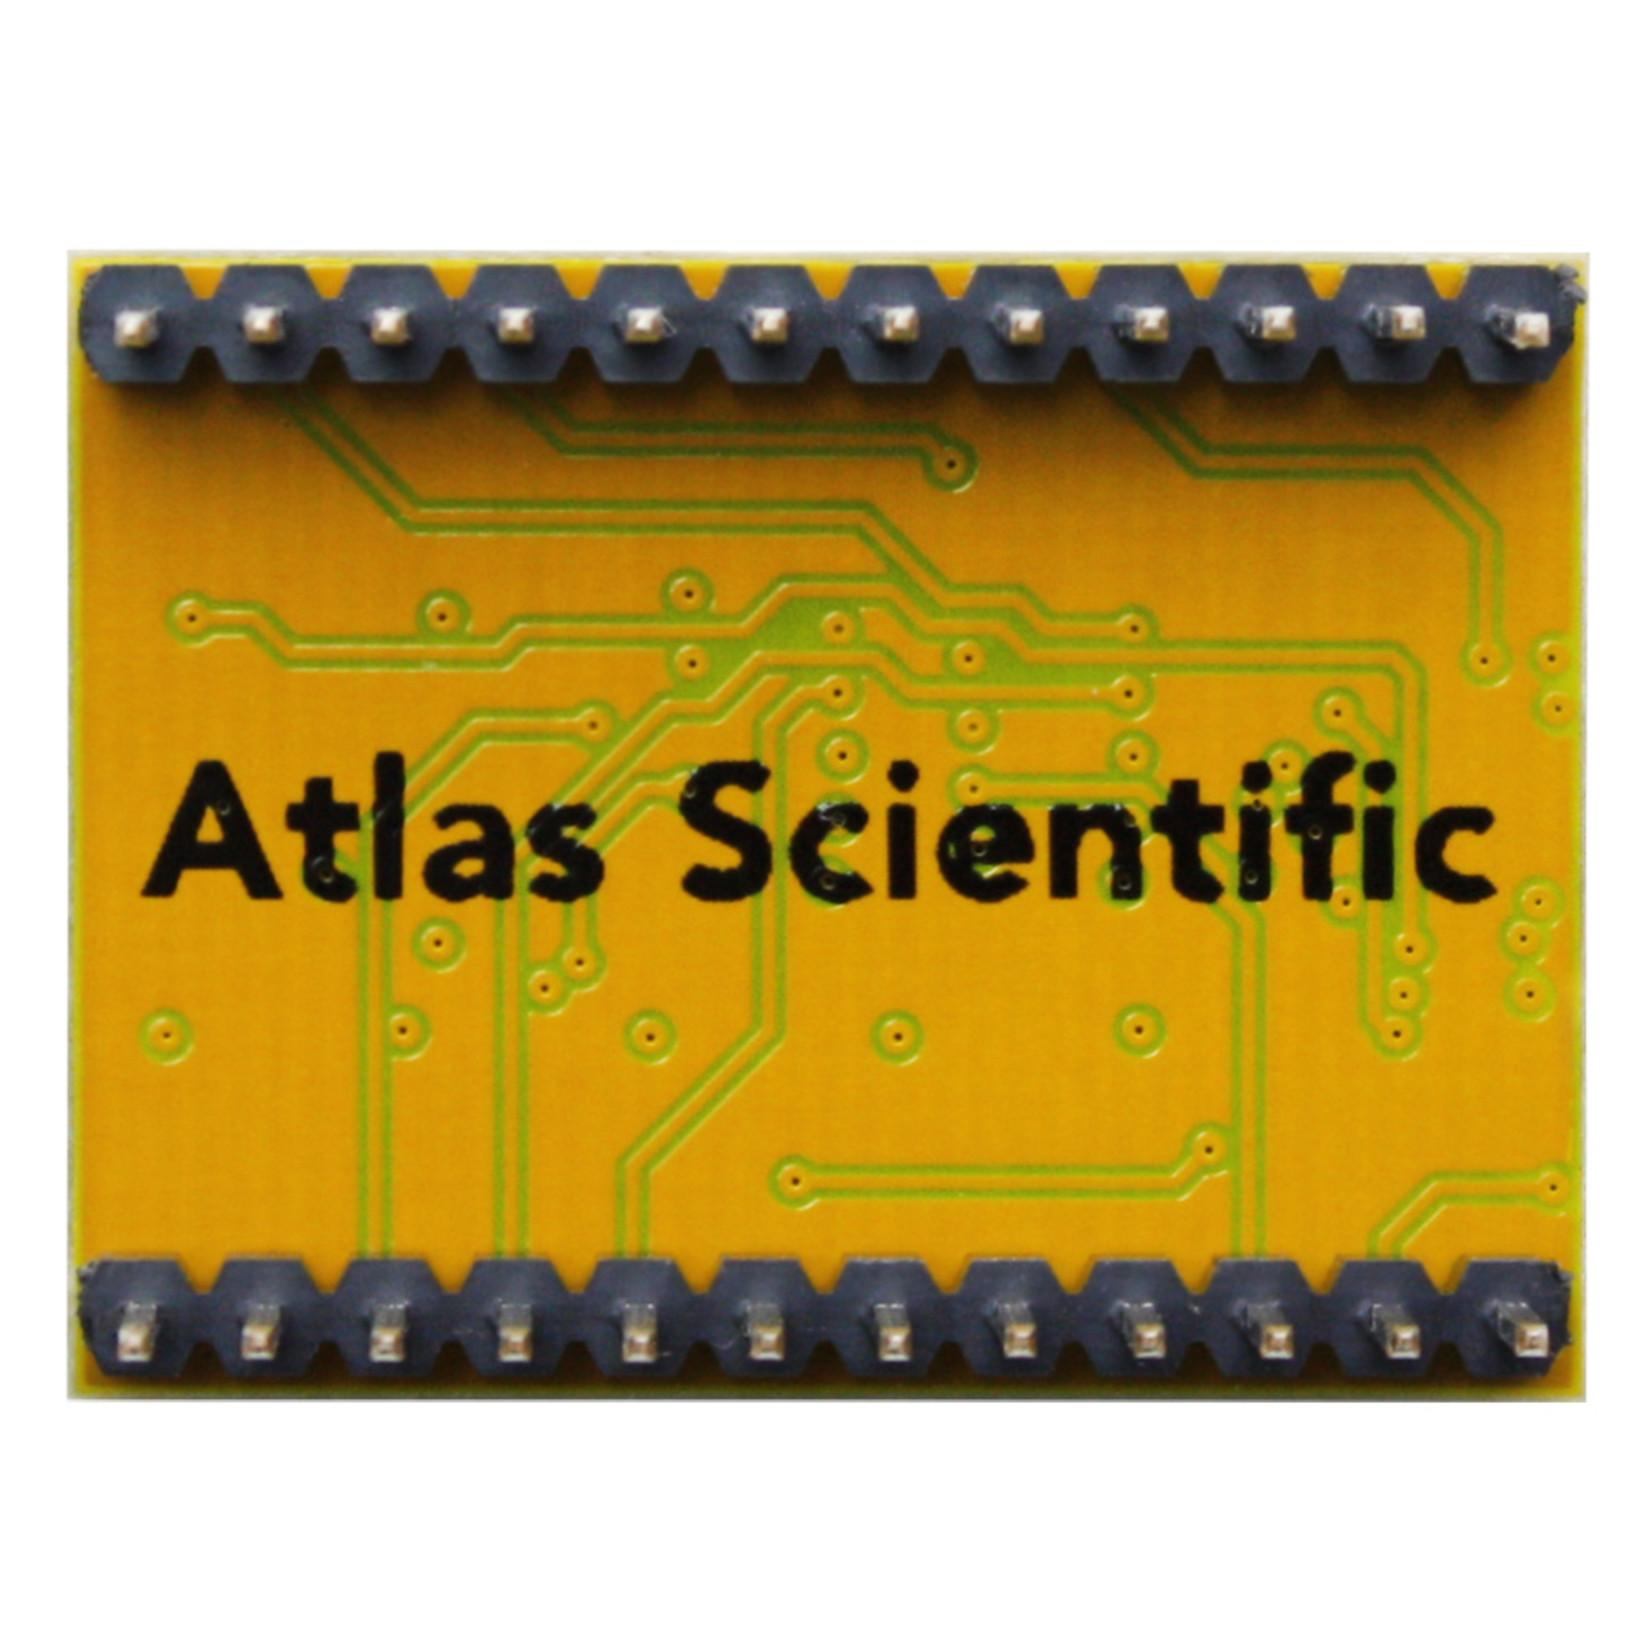 Atlas Scientific 8:1 Serial Port Expander